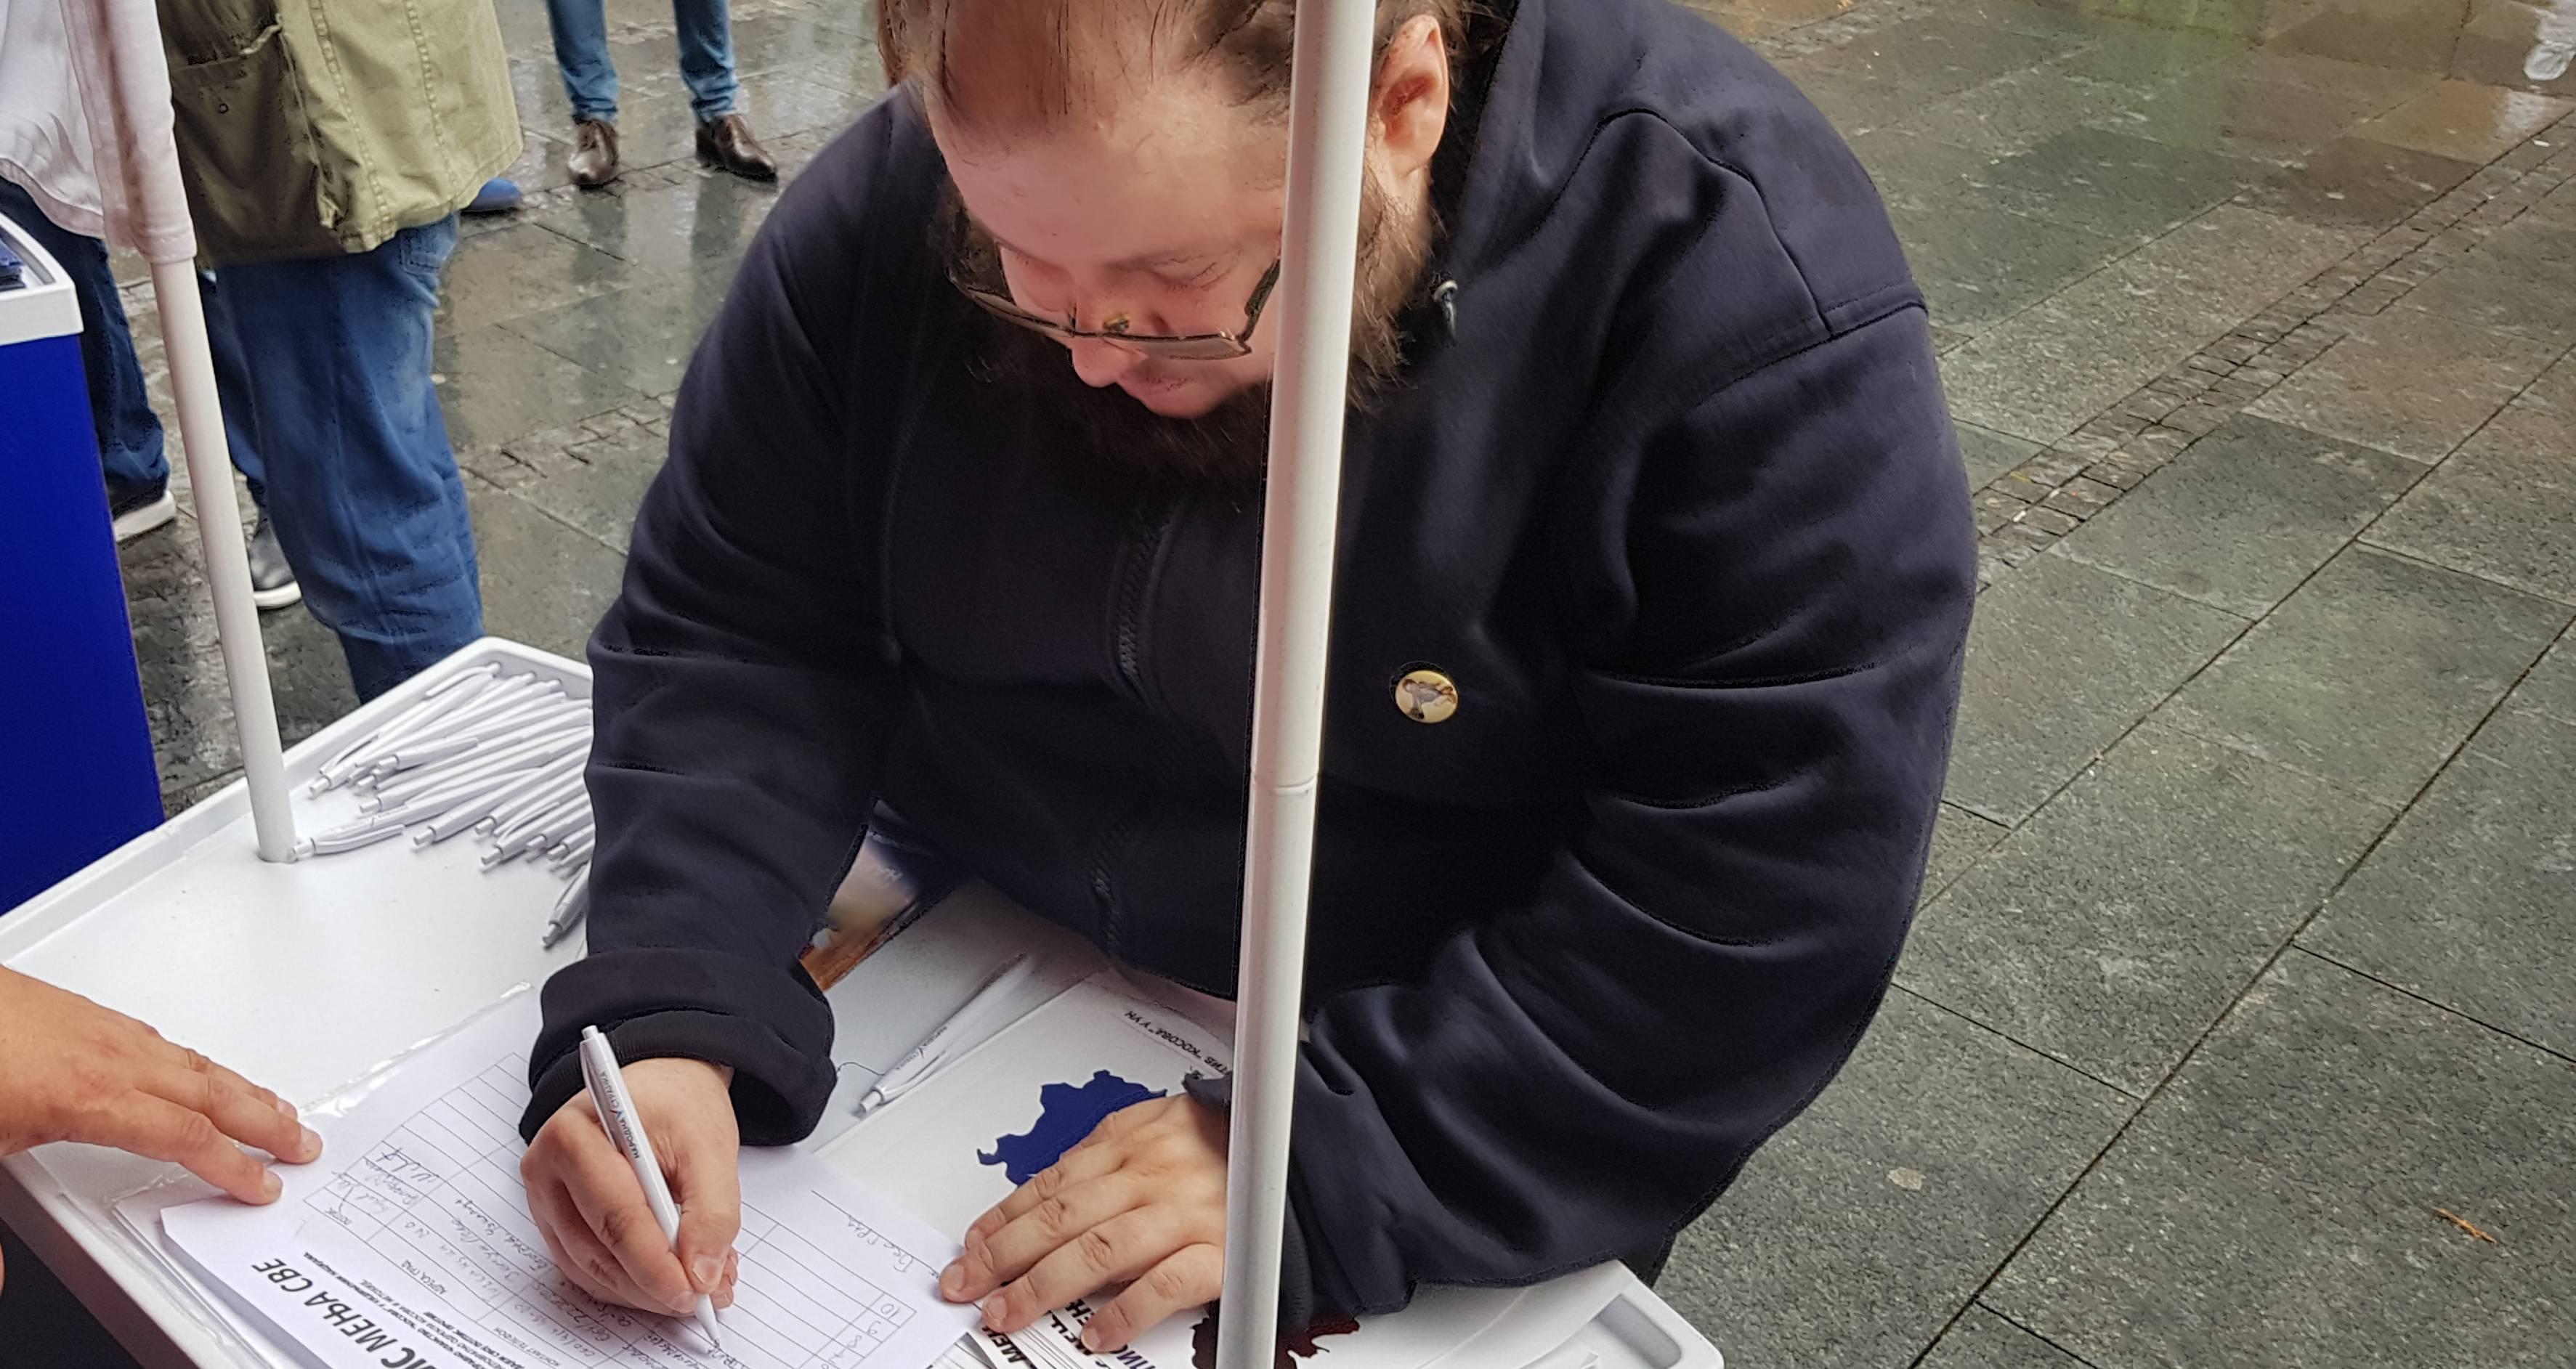 """Димитрије Војнов подржао акцију """"Један потпис мења све"""", потписао против чланства приштине у УН"""